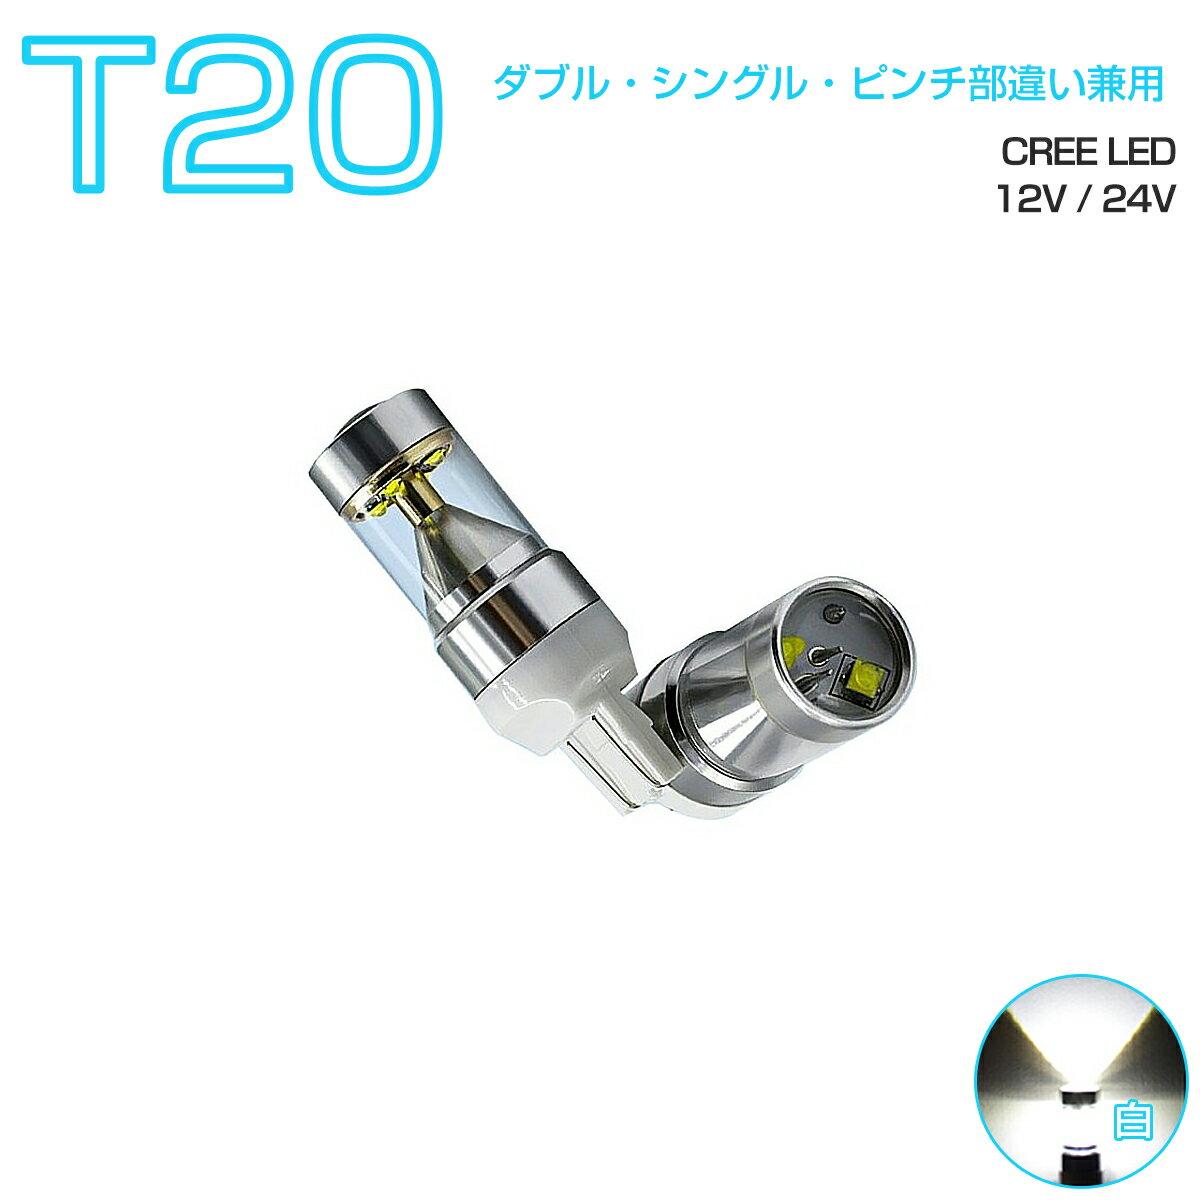 SUZUKI SX-4 セダン H19.7〜 YC11S ハロゲン仕様 バックランプ [T20シングル] 発光色 ホワイト 2個入り CREE LED T20 ネコポス便送料無料 6ヶ月保証 K&M